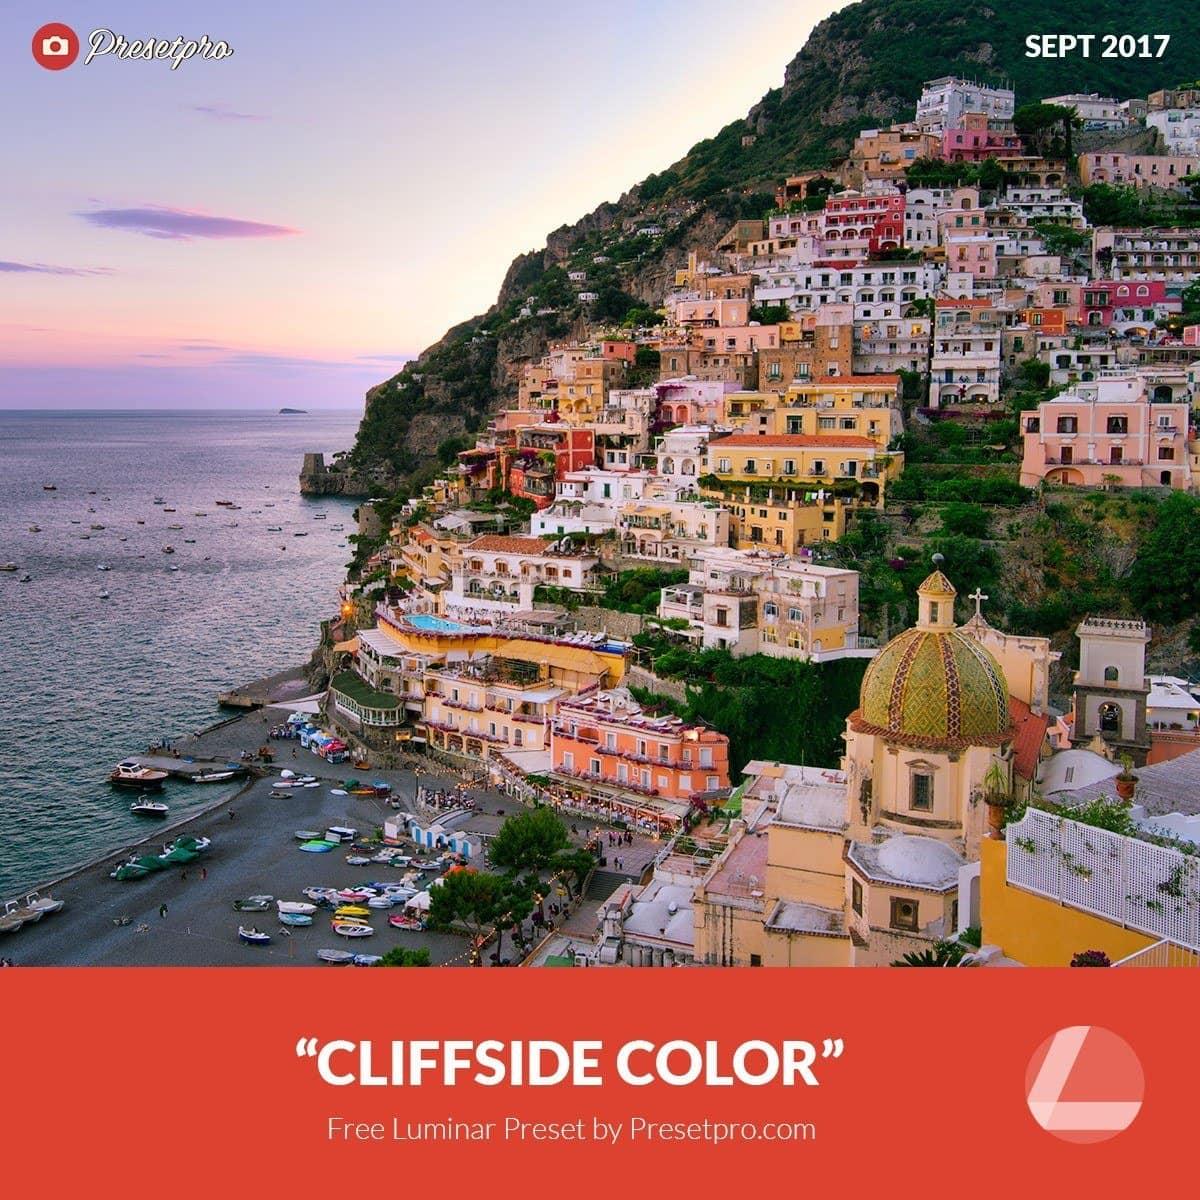 Free-Luminar-Preset-Cliffside-Color-Presetpro.com